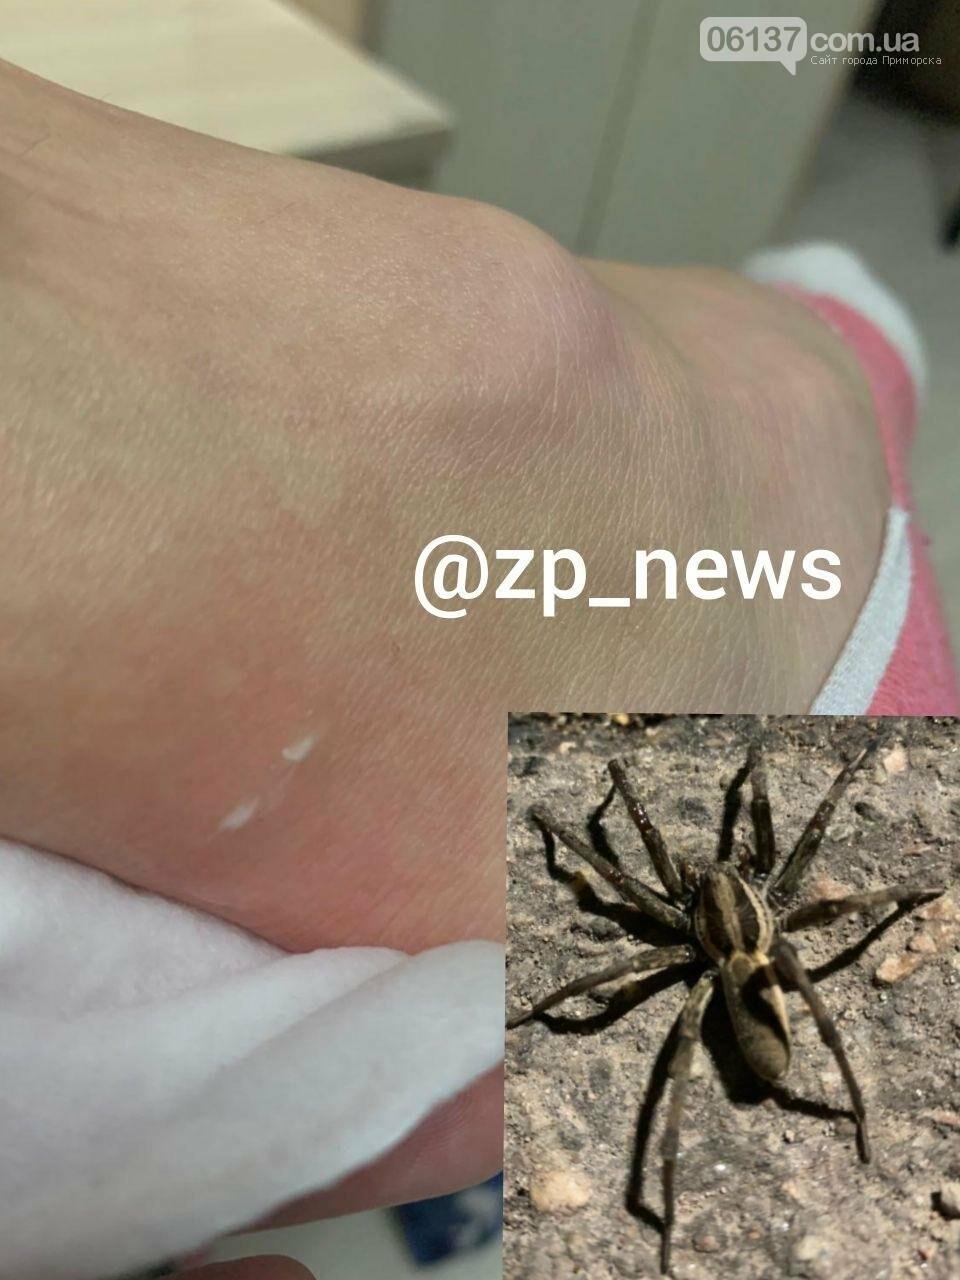 Жительницу Запорожья укусил опасный паук. Фото, фото-1